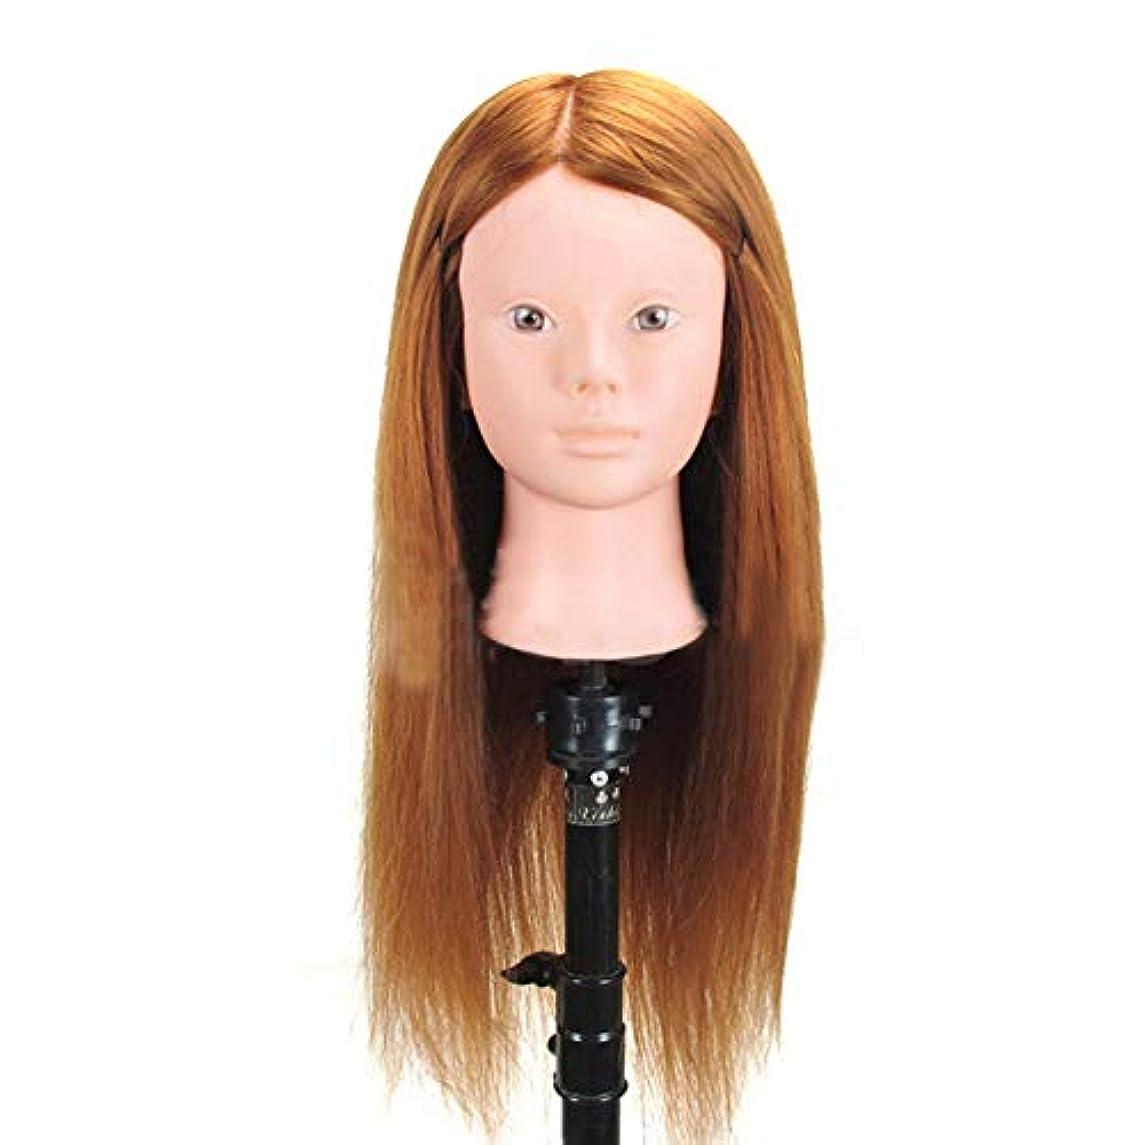 シンプルさ高原思慮のない高温シルクヘアマネキンヘッド編組ヘアヘアピンヘッドモデルサロンパーマ髪染め学習ダミーヘッド